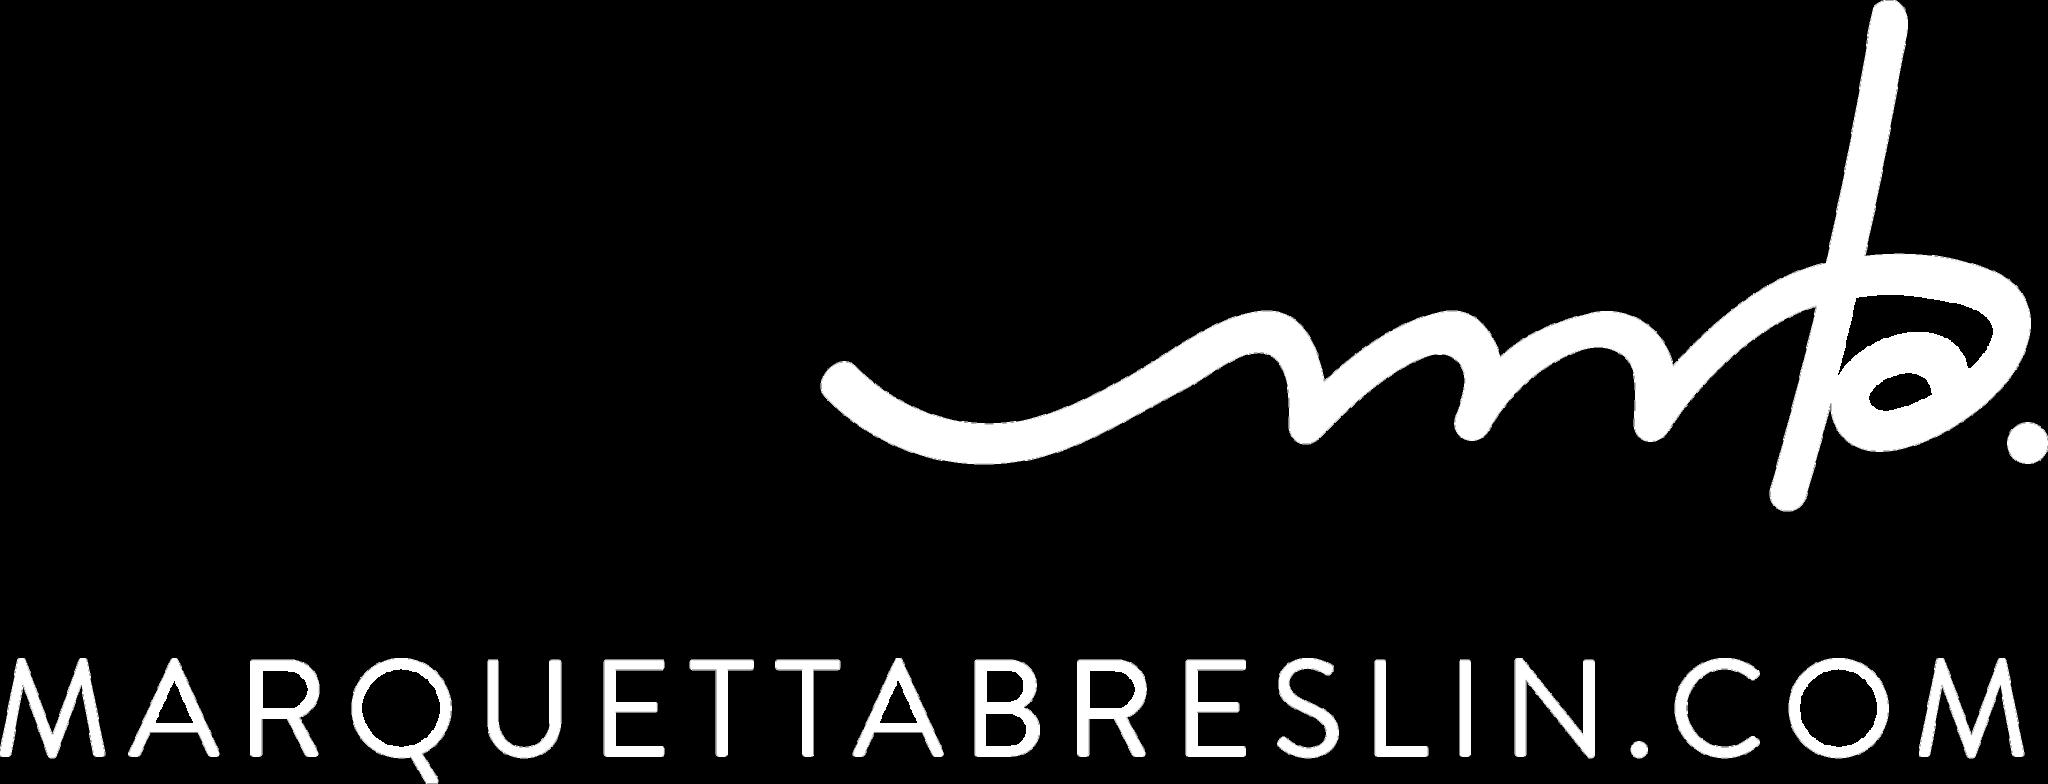 Marquetta Breslin Logo White